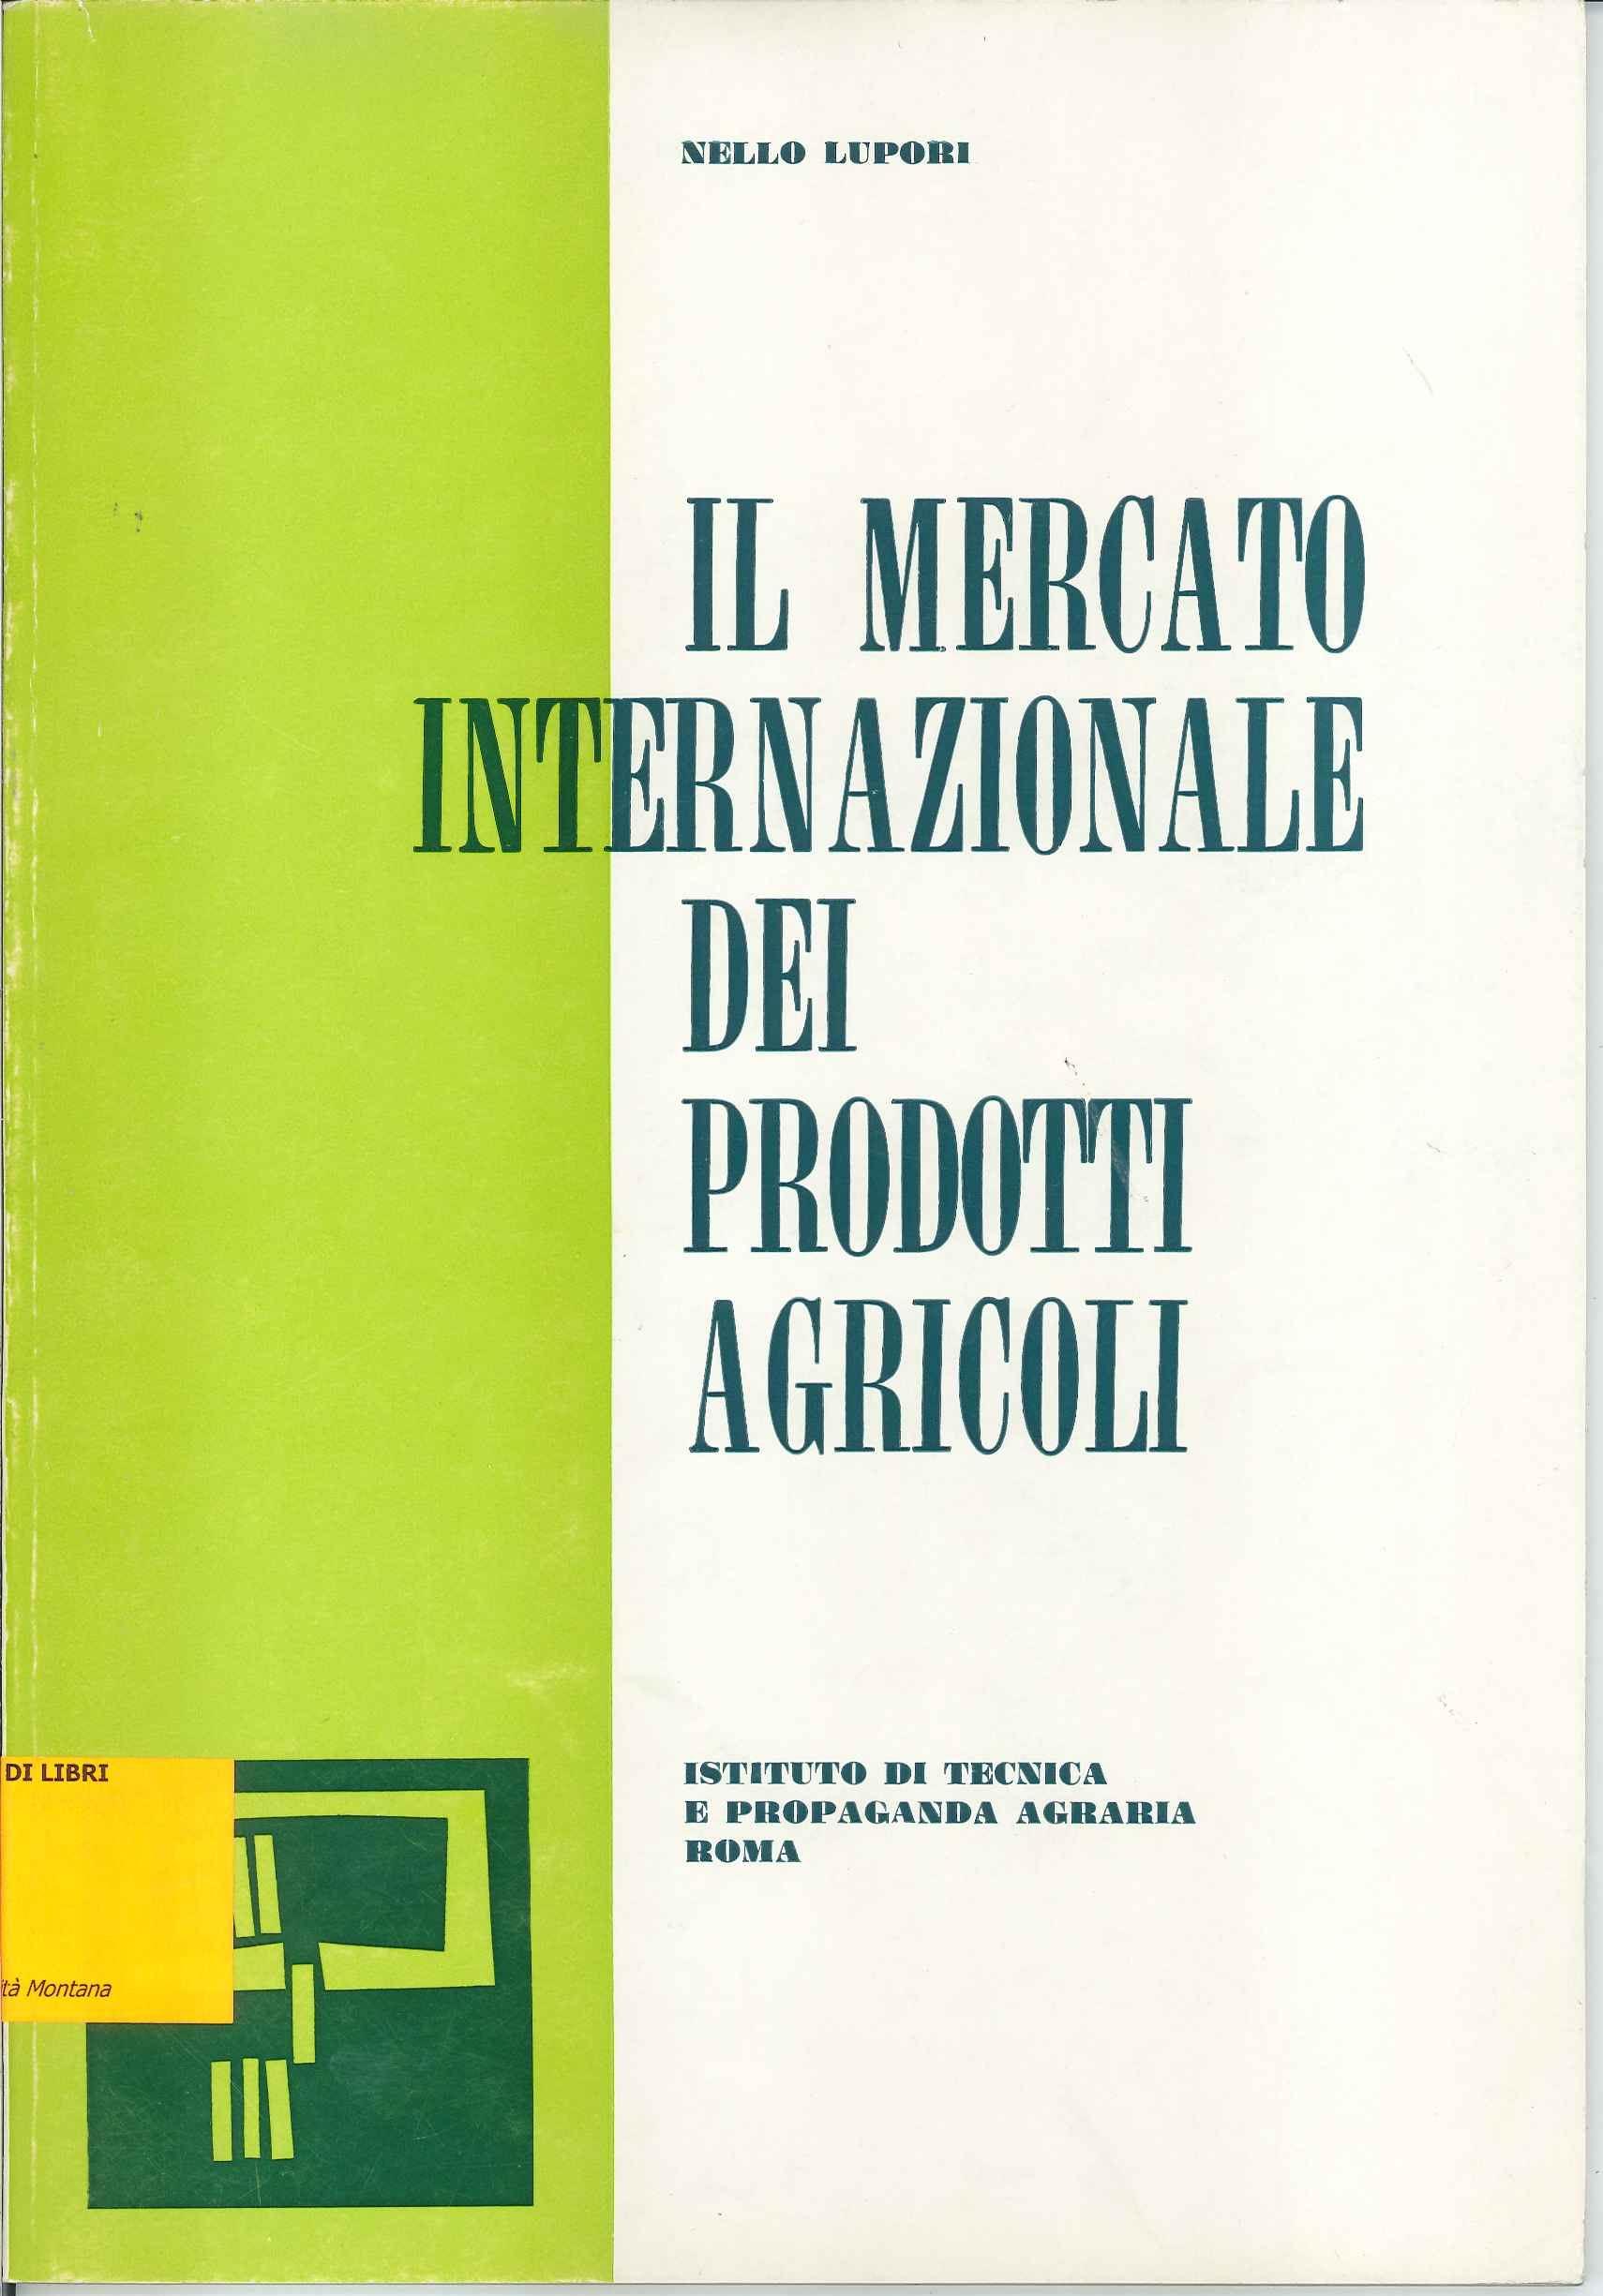 Il mercato internazionale dei prodotti agricoli